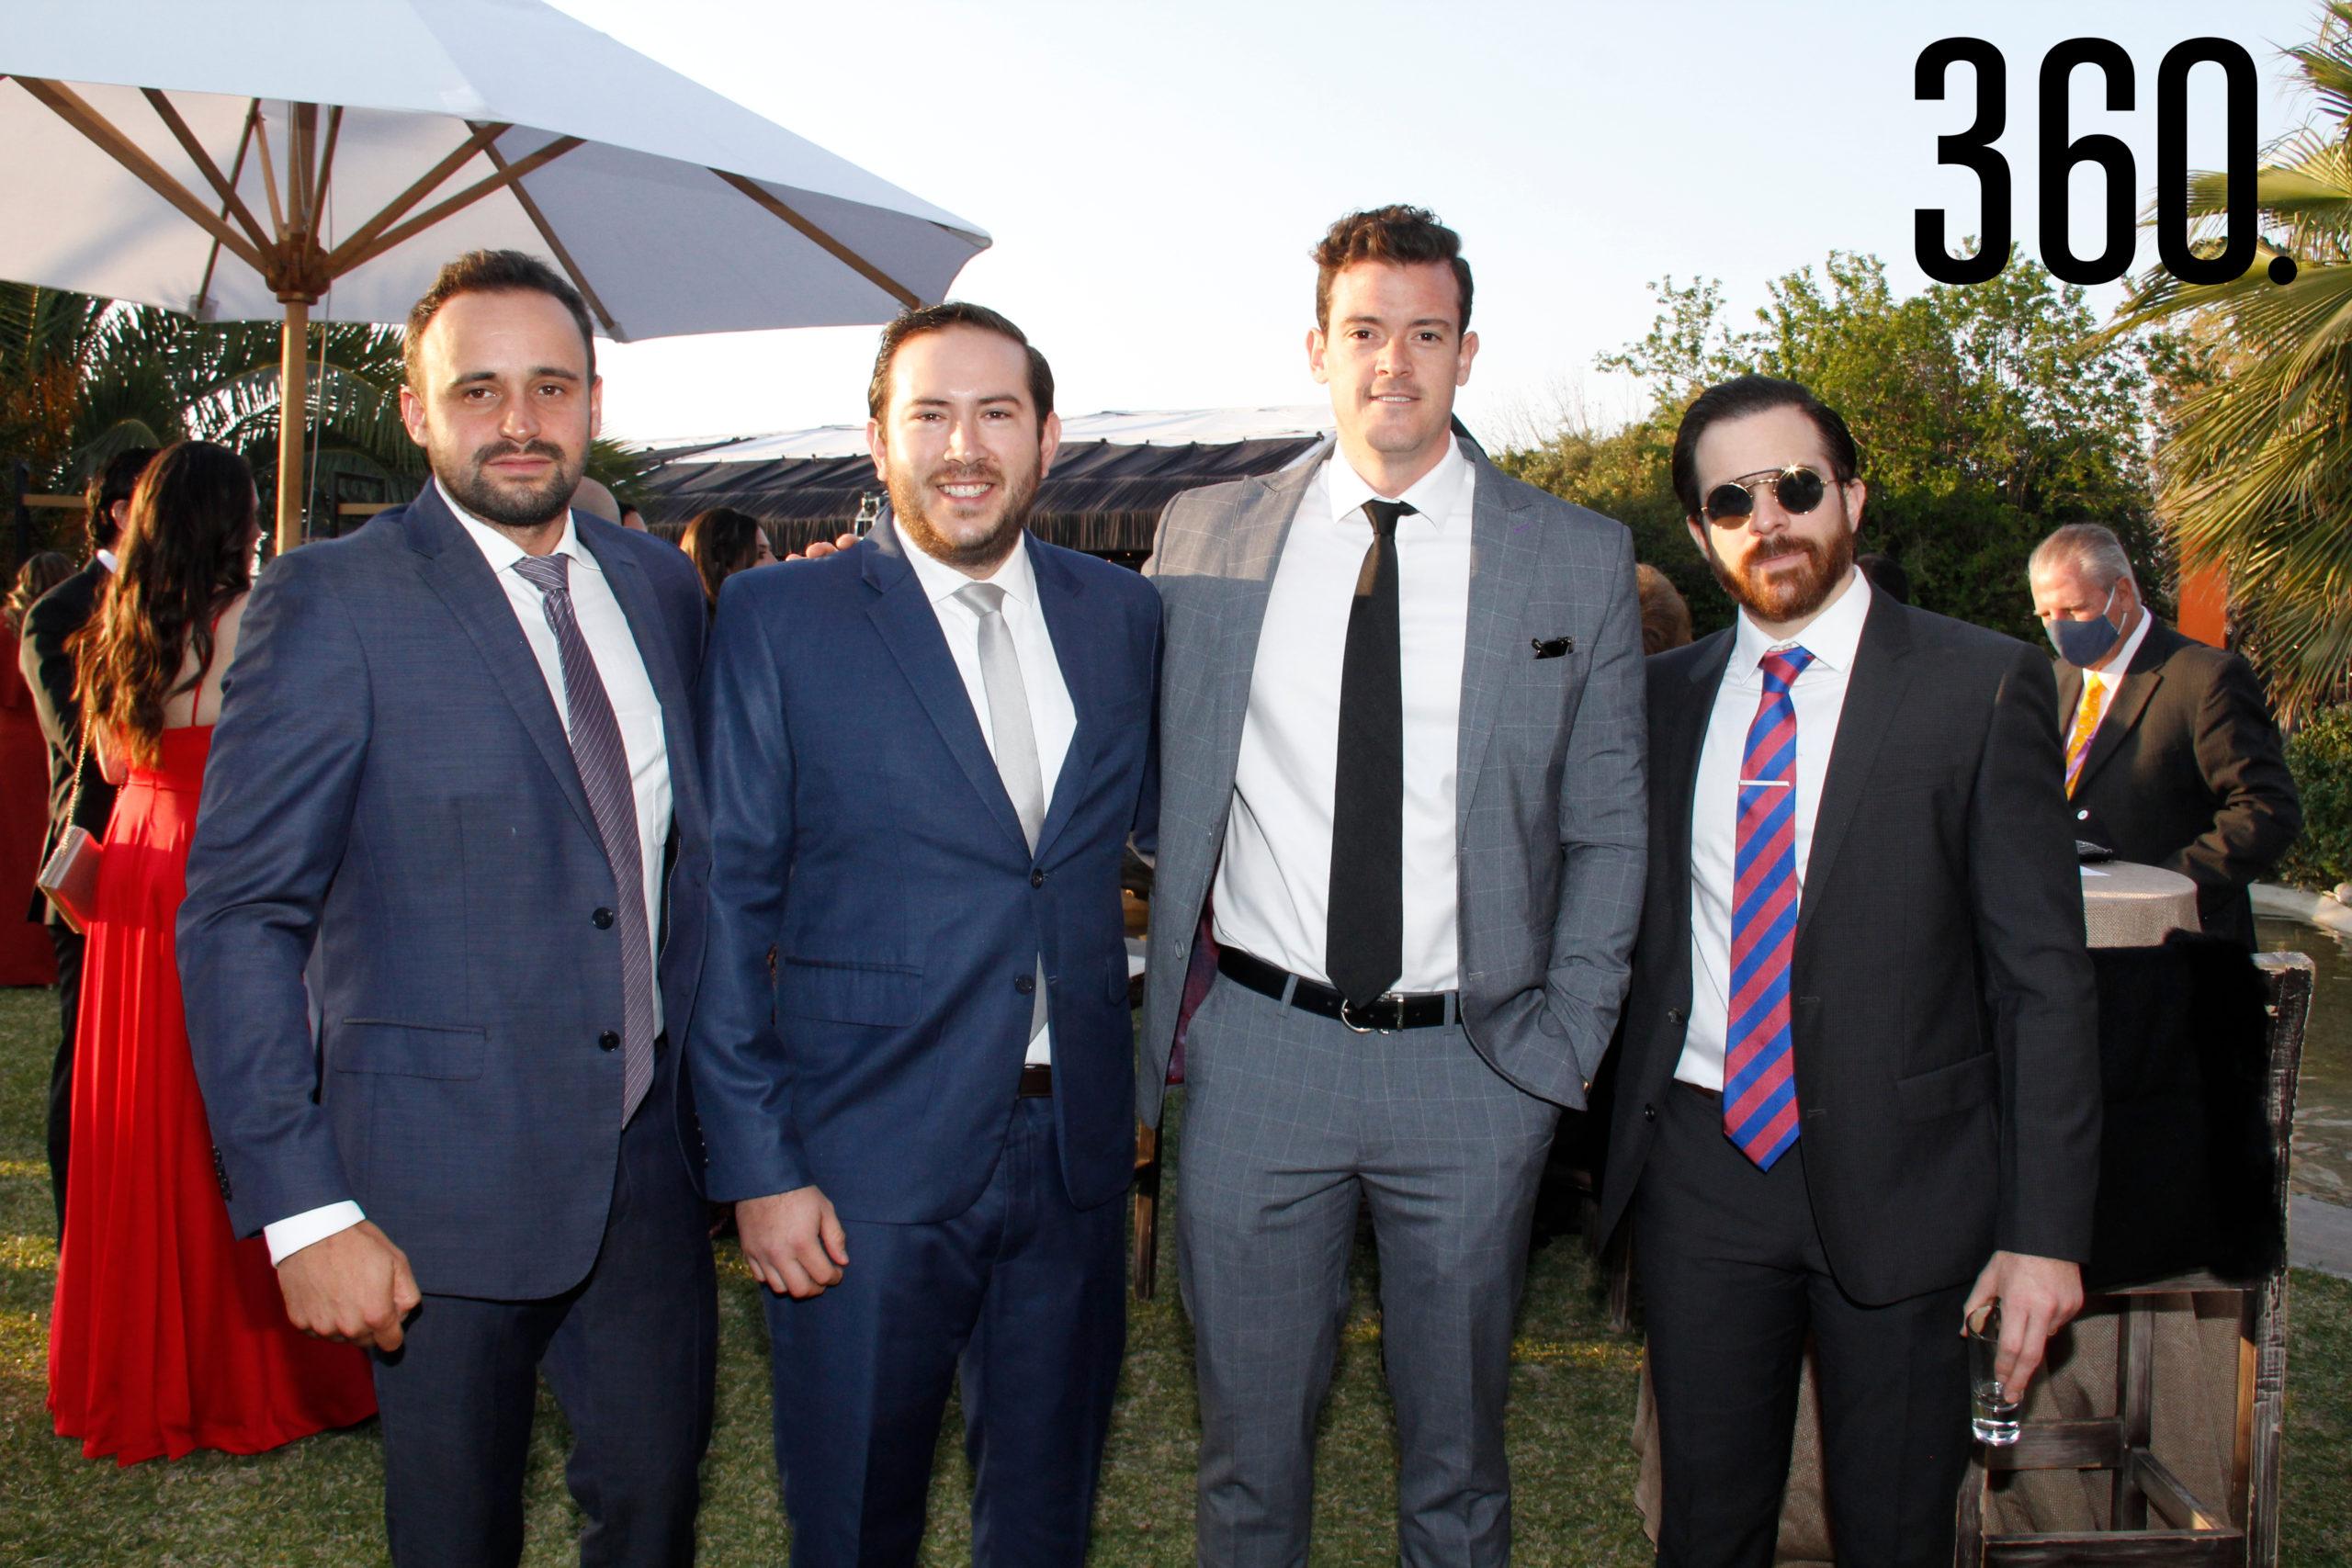 José Rincón Gallardo, Javier Garza, Juan Antonio García Vives y Benjamín Ortega.